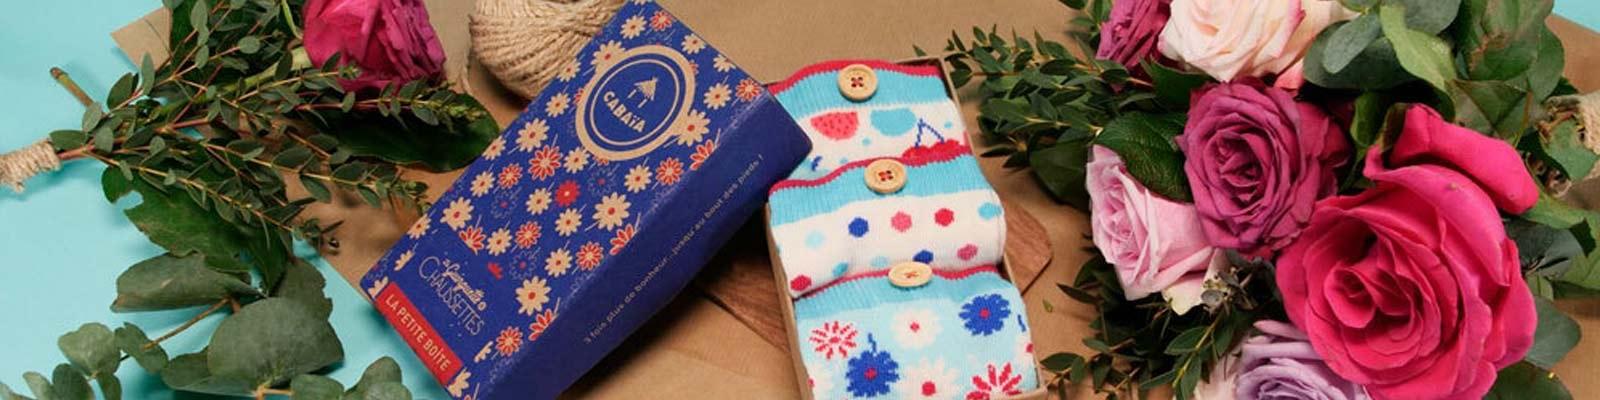 Pack de chaussettes inséparables pour la fête des mères